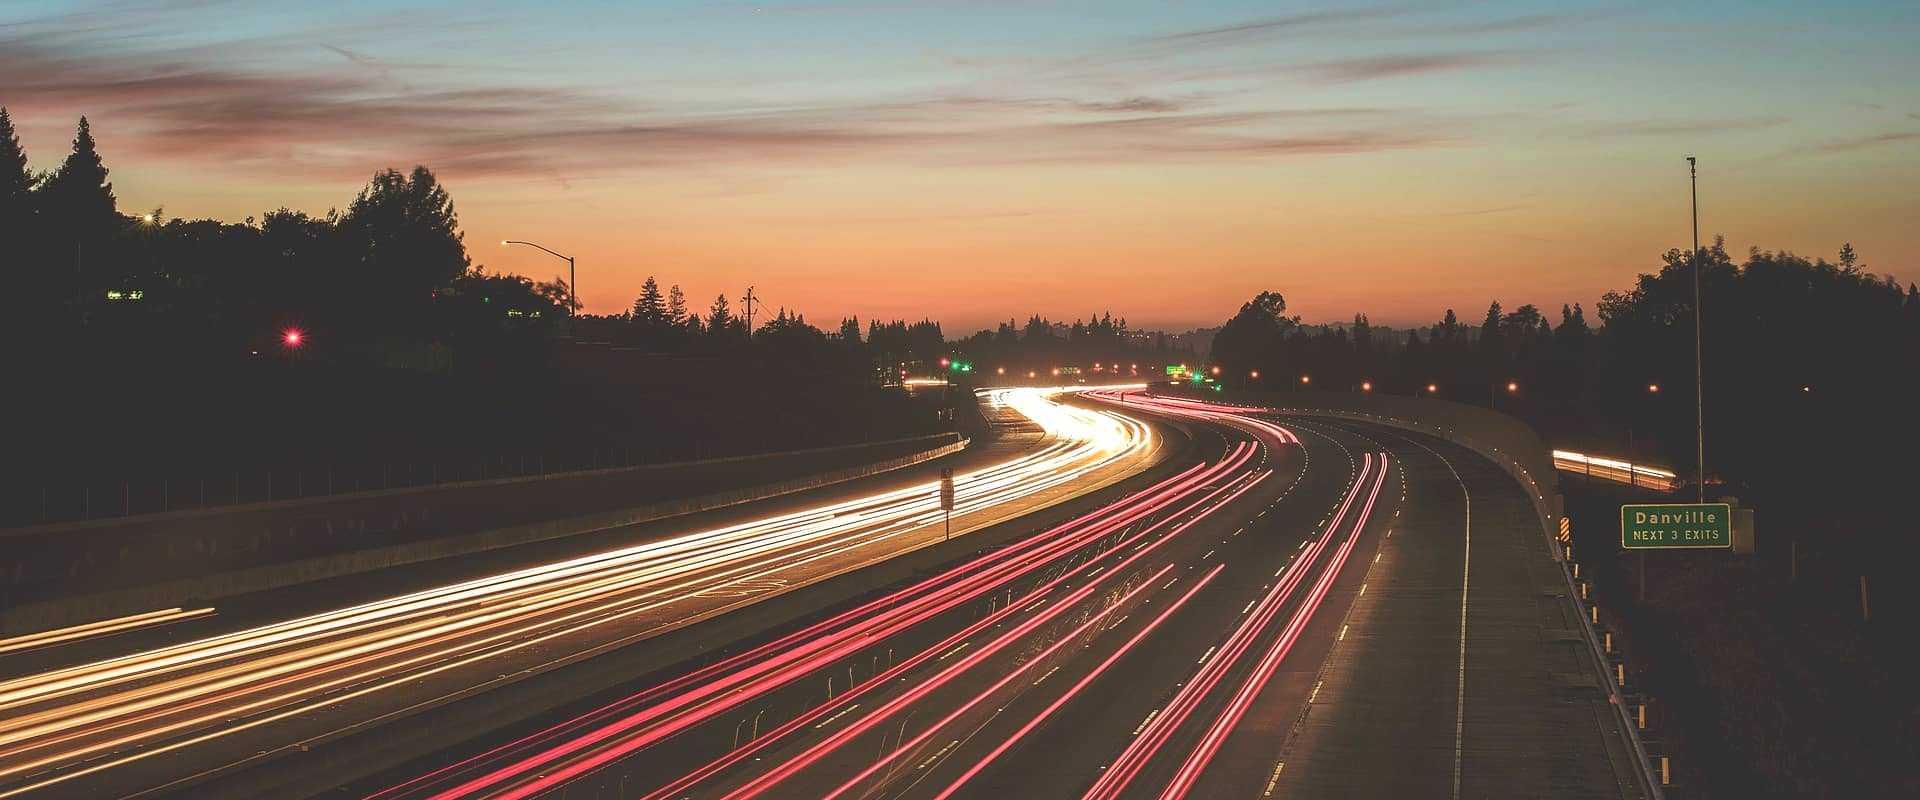 Mobile Fahrer App für die Transport Logistik